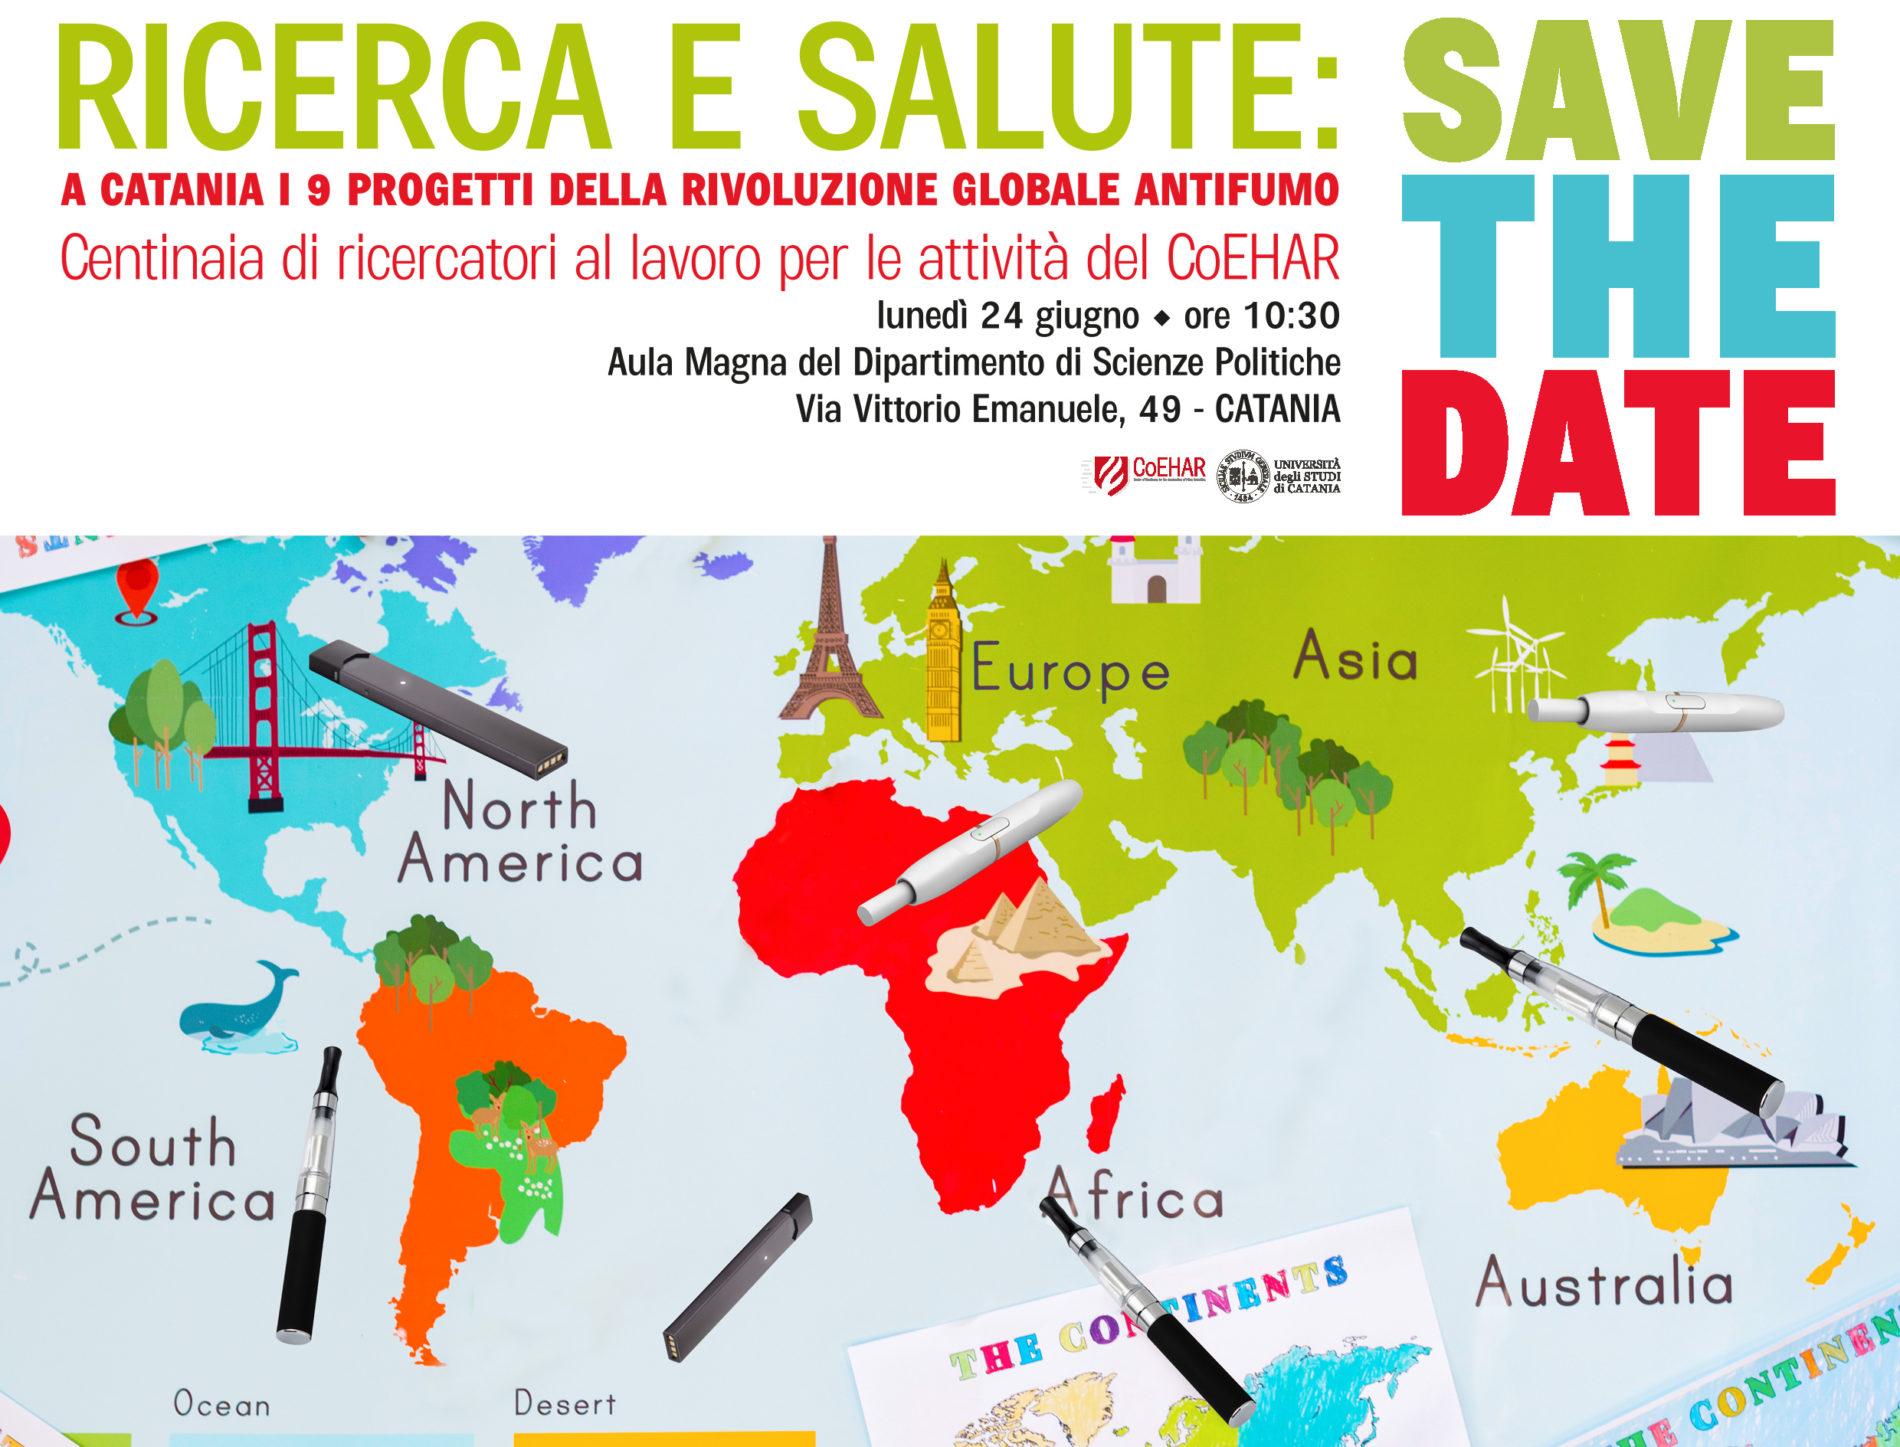 A Catania i 9 progetti della rivoluzione globale antifumo